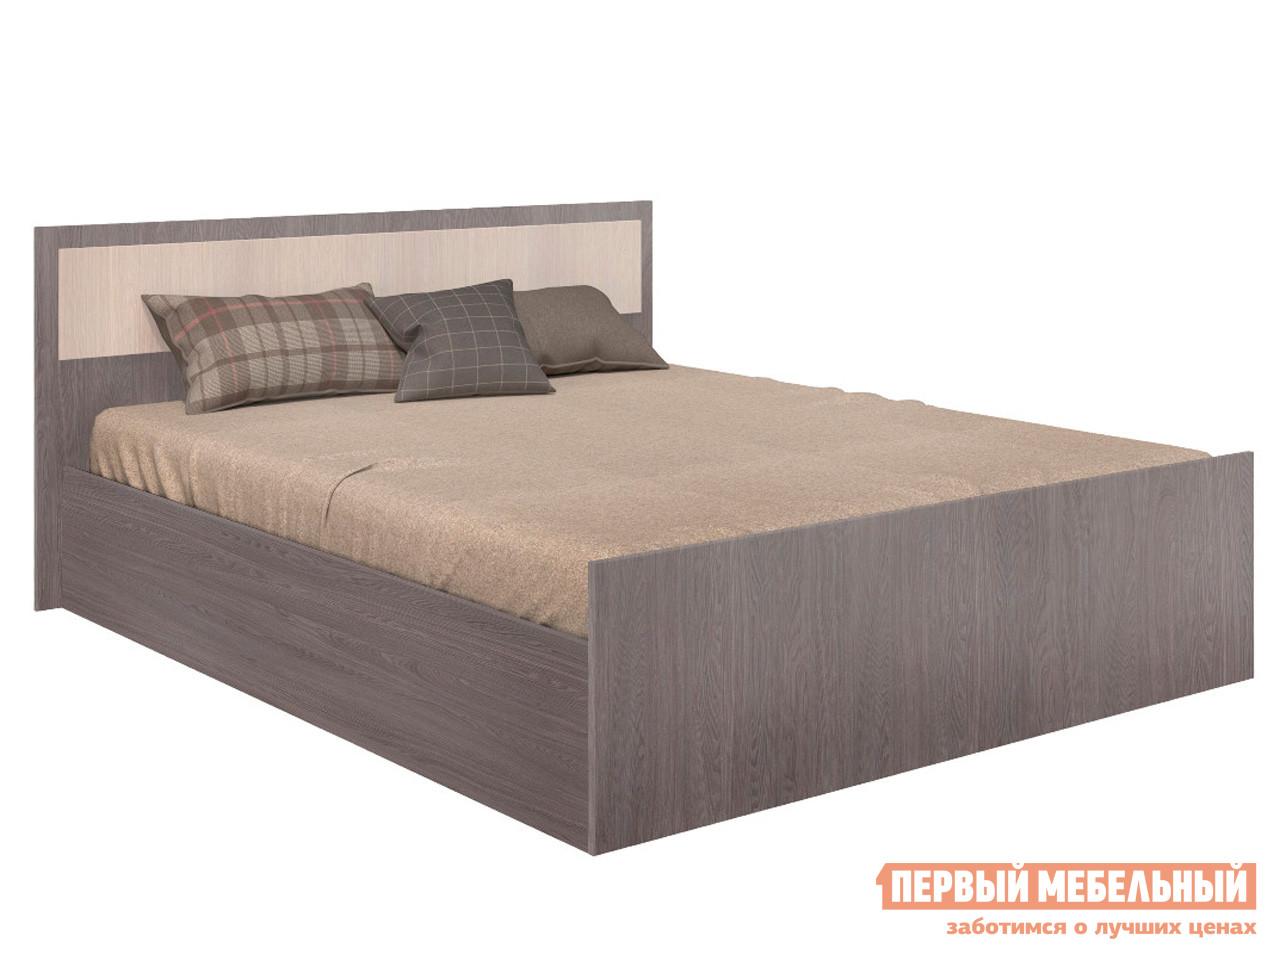 Односпальная кровать  Кровать Фиеста Ясень темный / Ясень светлый, 120х200